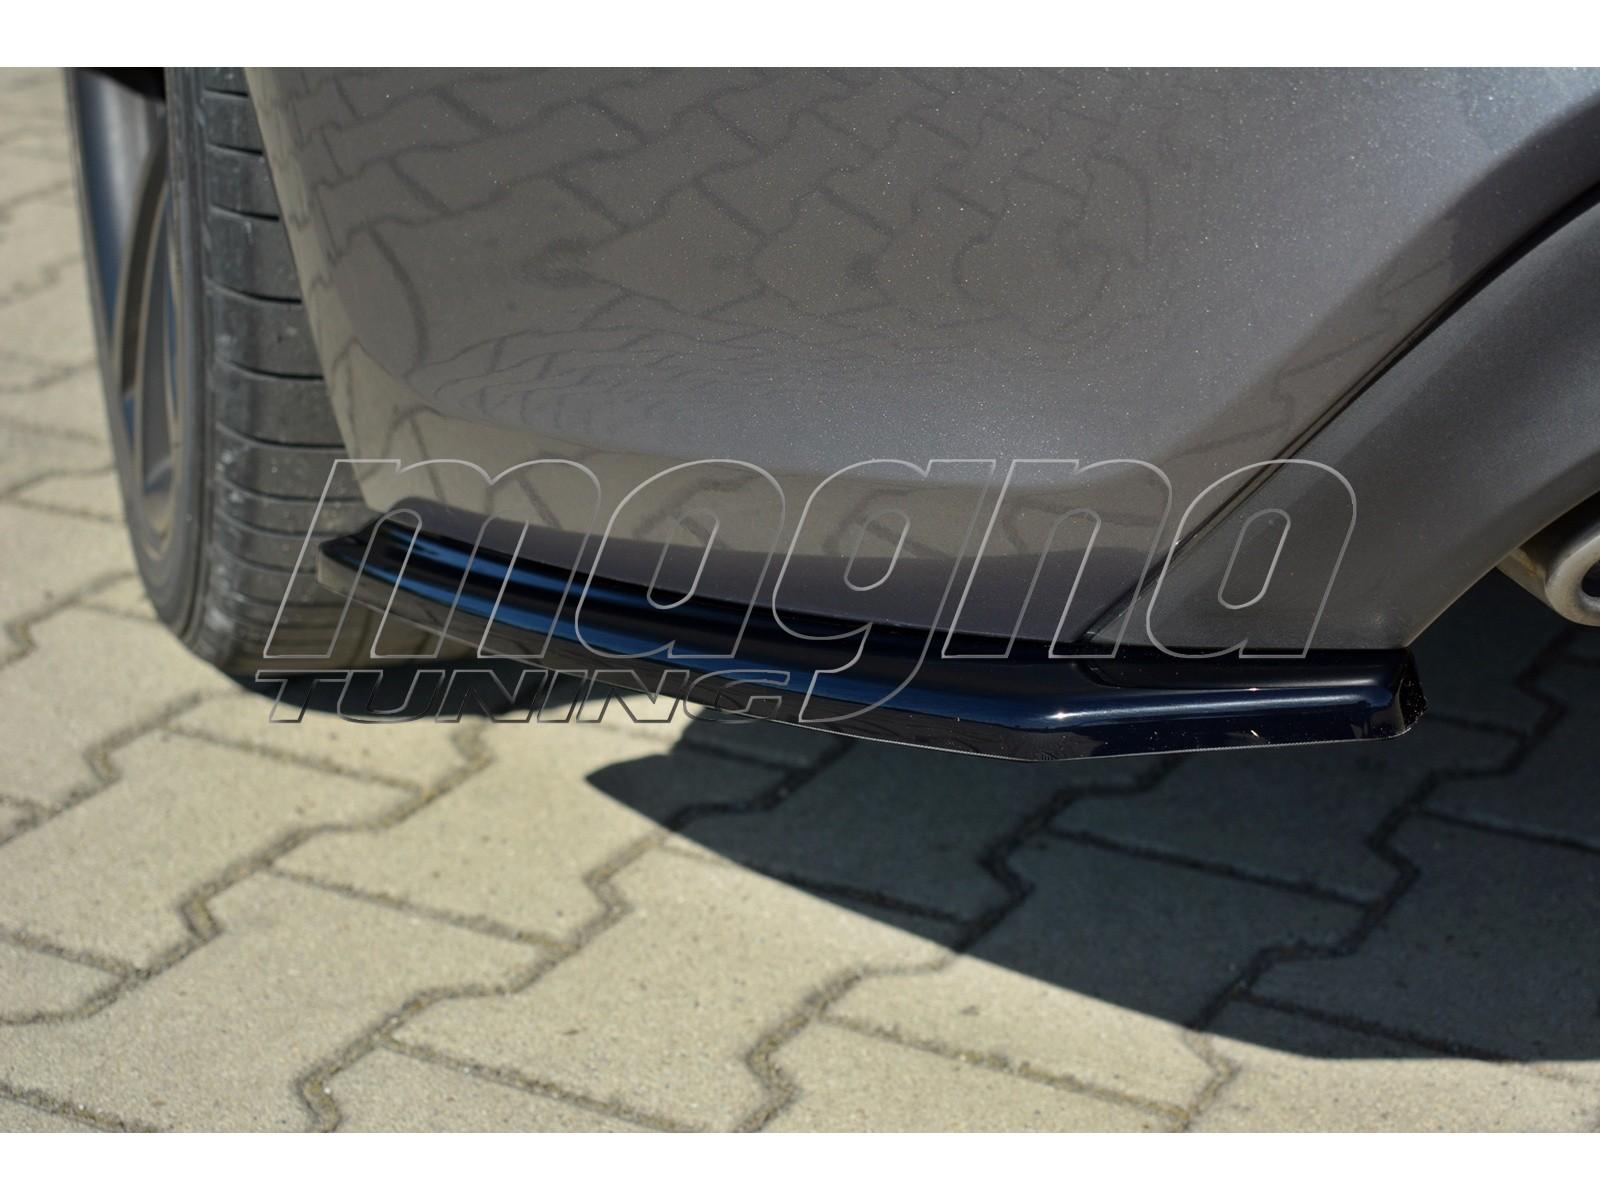 Hyundai Genesis Coupe MX Body Kit